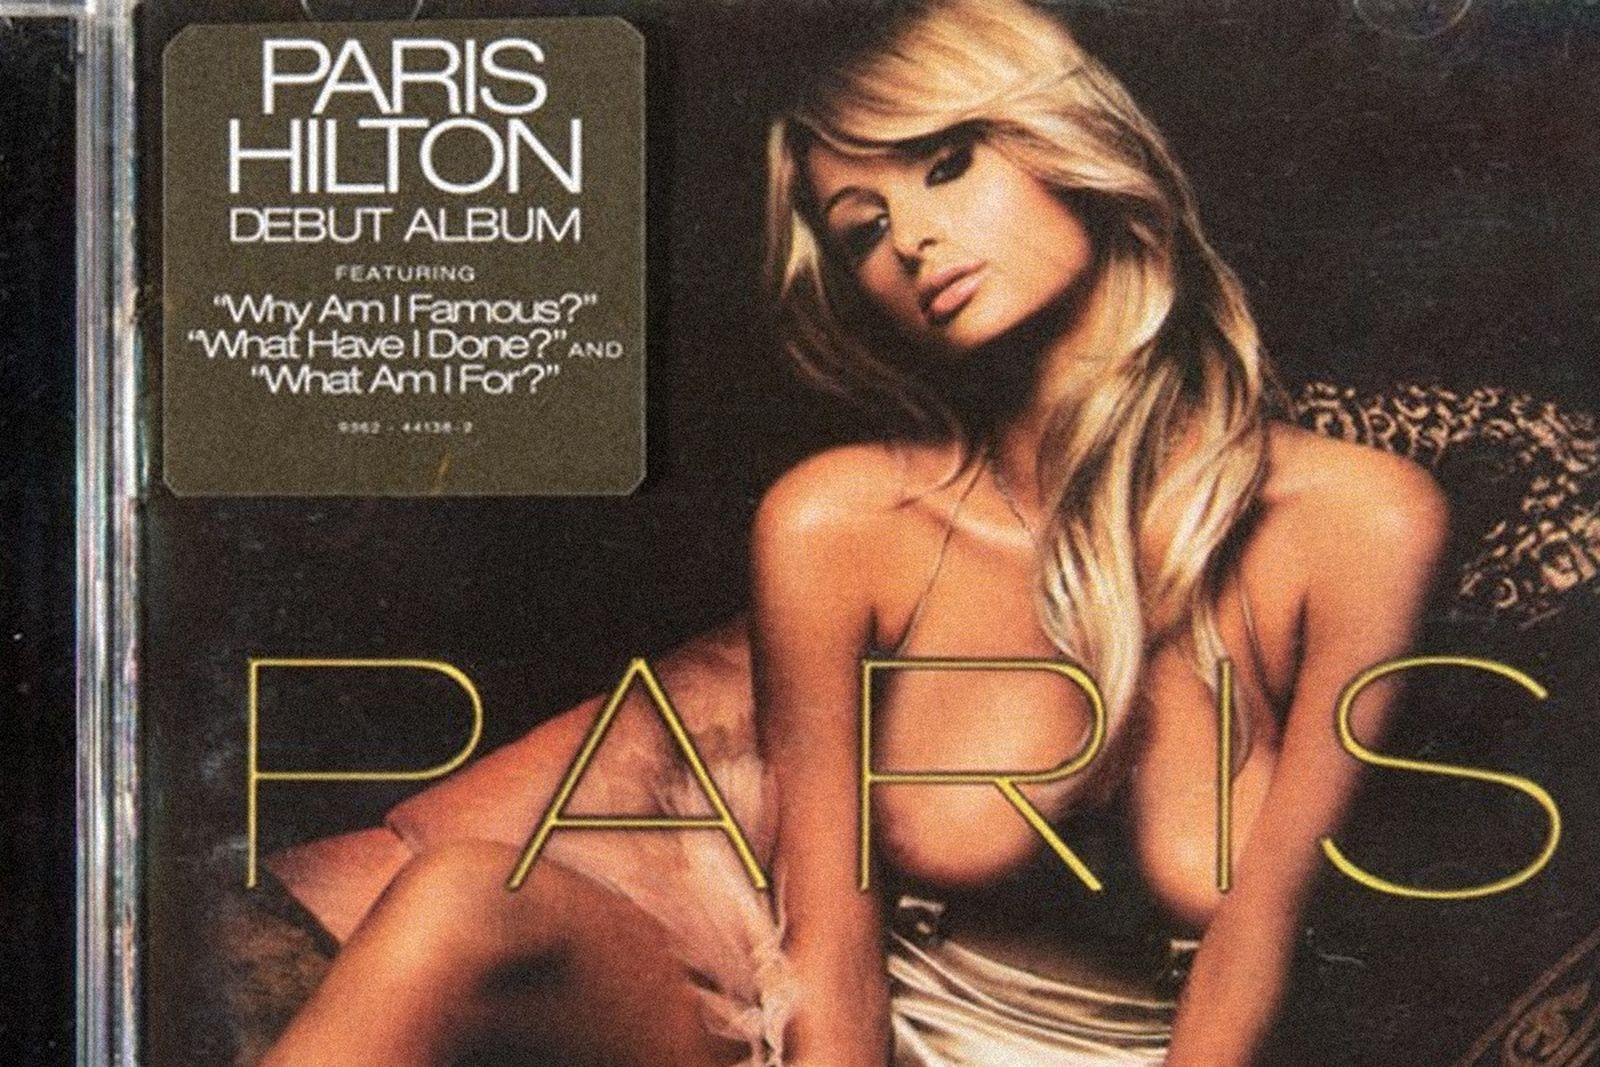 paris-hilton-album-main